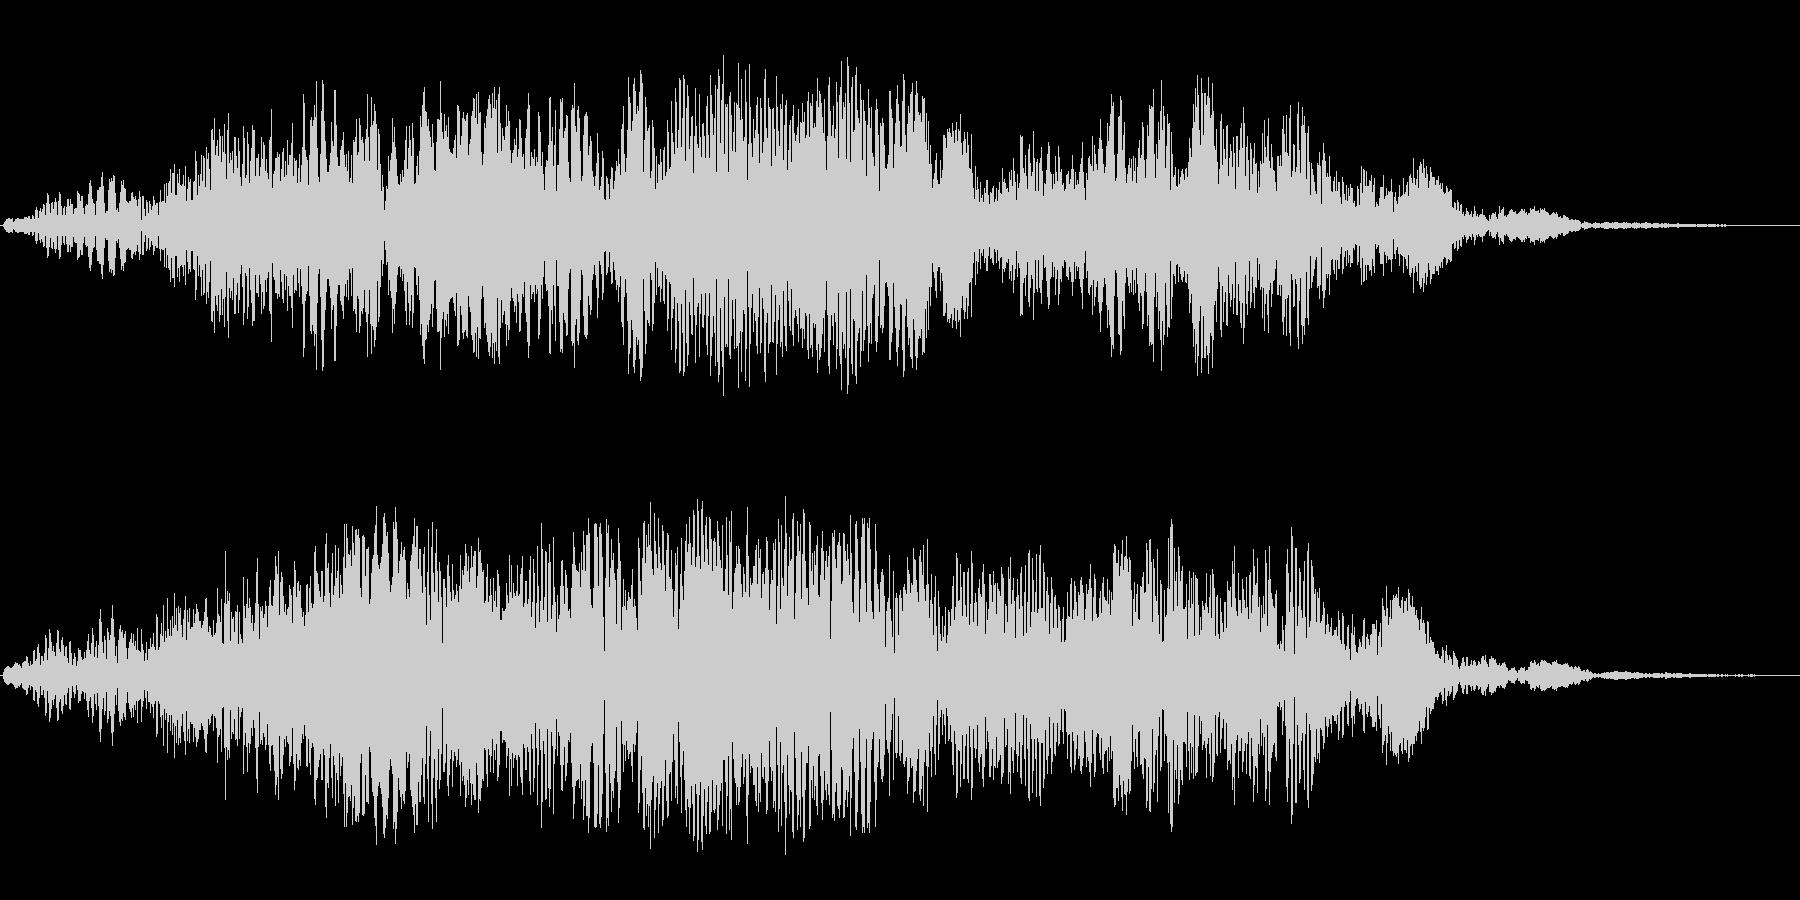 巨大惑星(高め音色)の未再生の波形